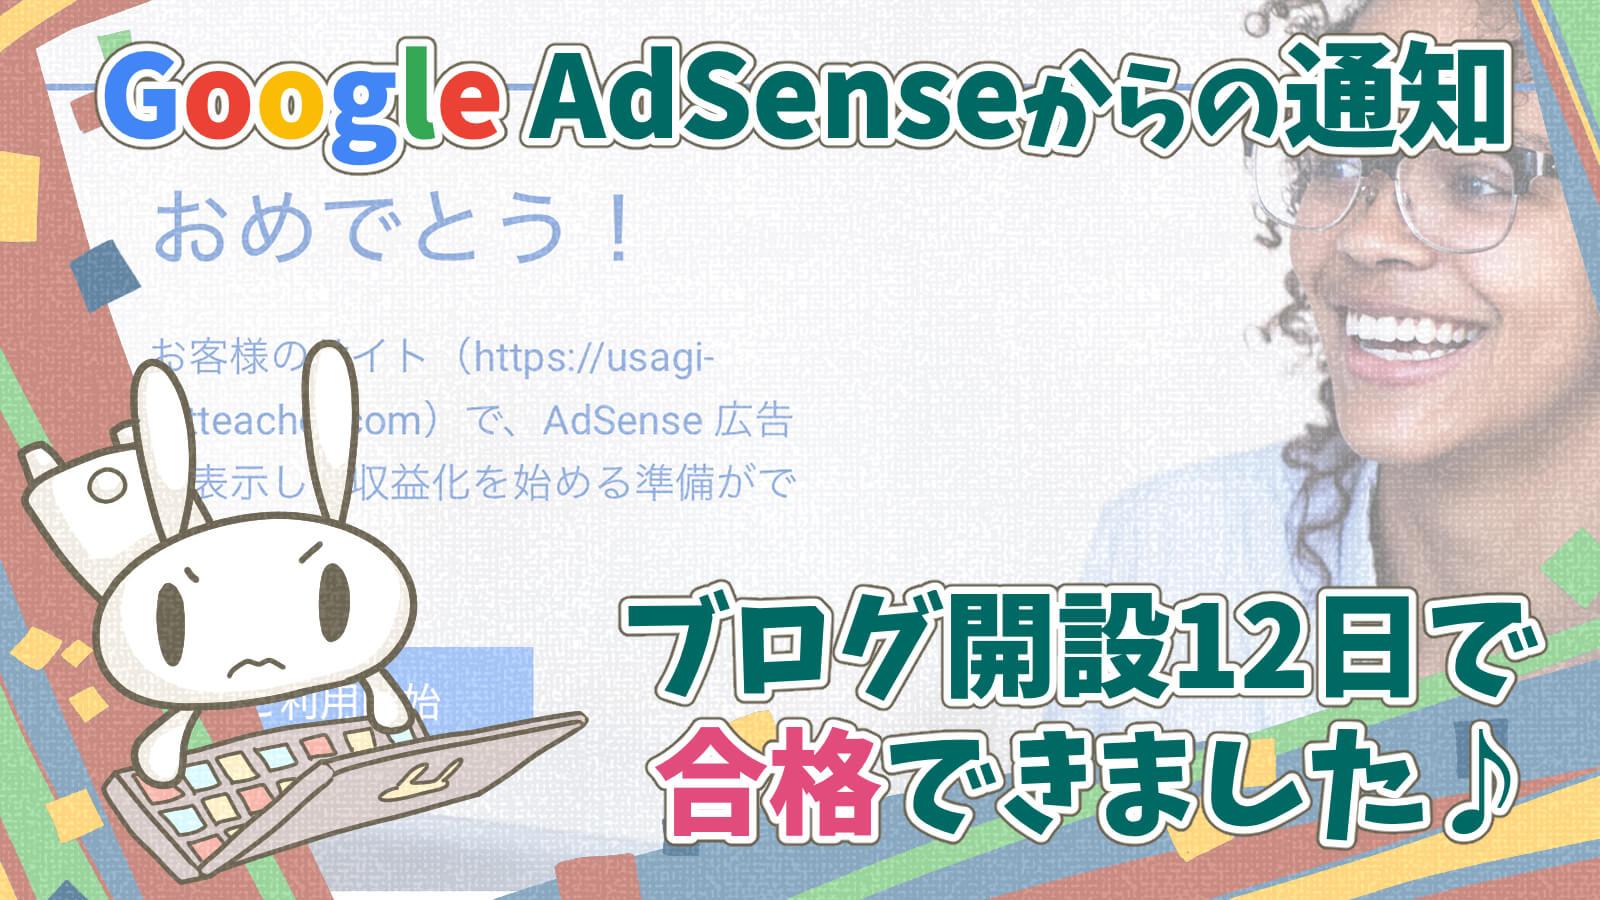 グーグルアドセンス合格開設12日